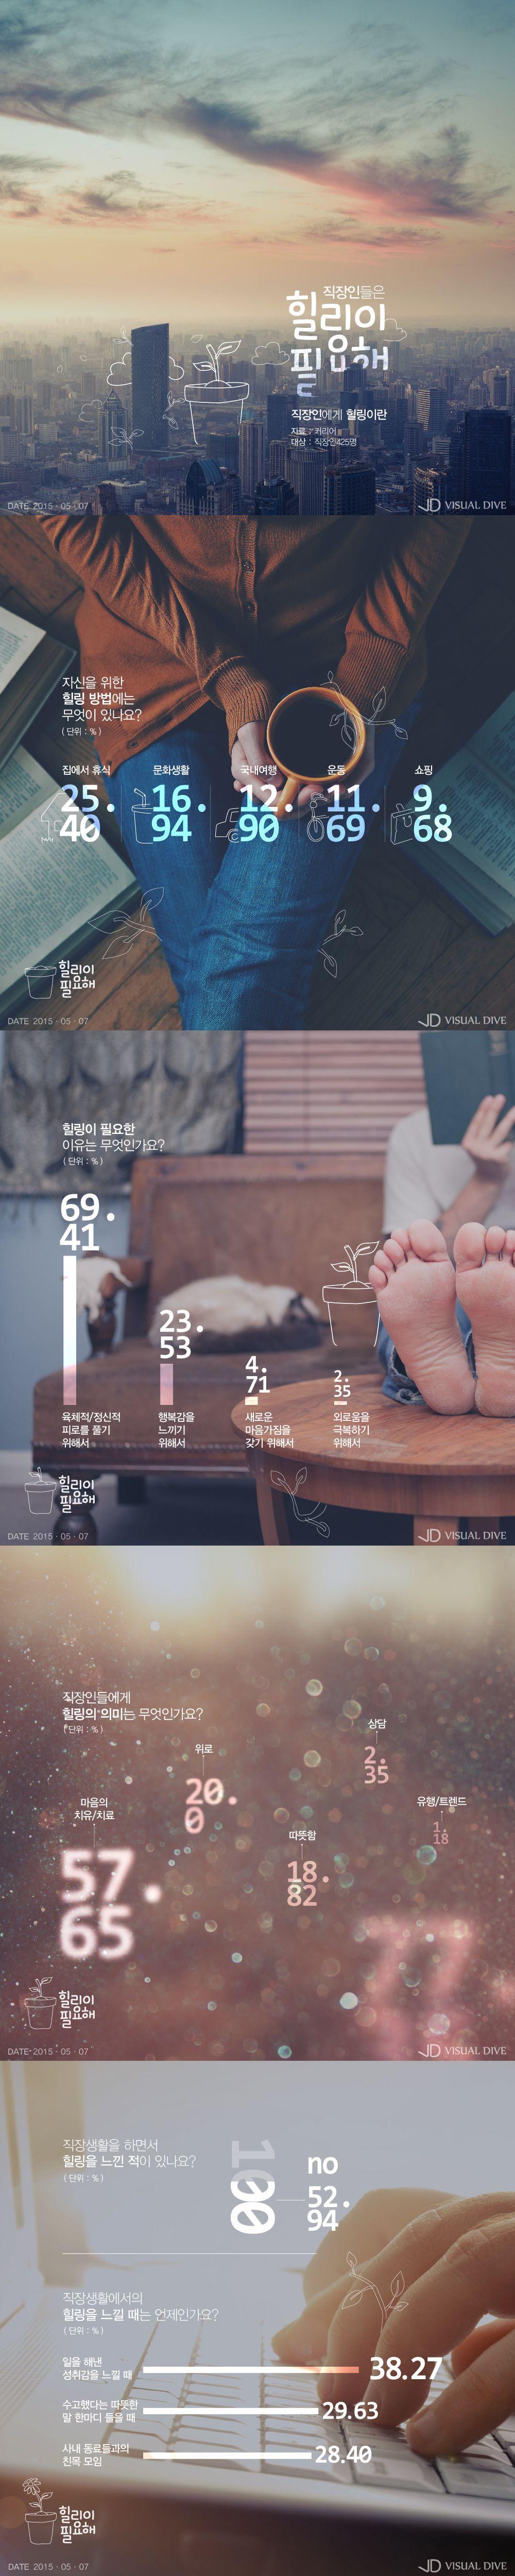 '최고의 힐링이 업무 성취감?'…직장인들 꼽은 직장생활에서의 힐링 방법 [인포그래픽] #life at work / #Infographic ⓒ 비주얼다이브 무단 복사·전재·재배포 금지